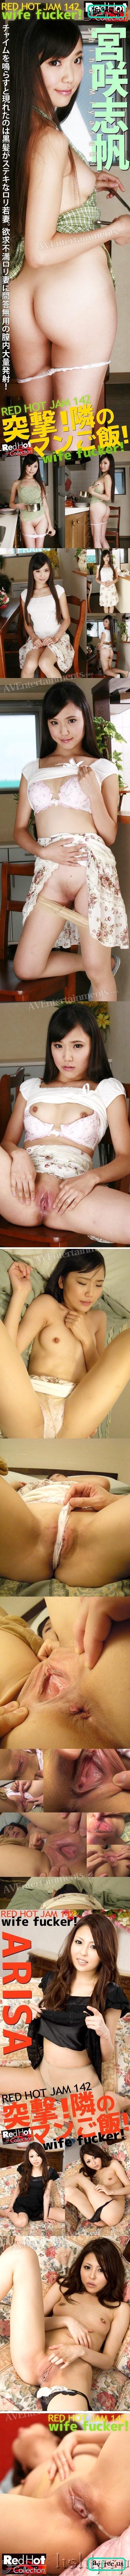 [RHJ 142] Red hot jam 142:Arisa,Shiho Miyasaki 宮咲志帆 Shiho Miyasaki Red Hot Jam Arisa